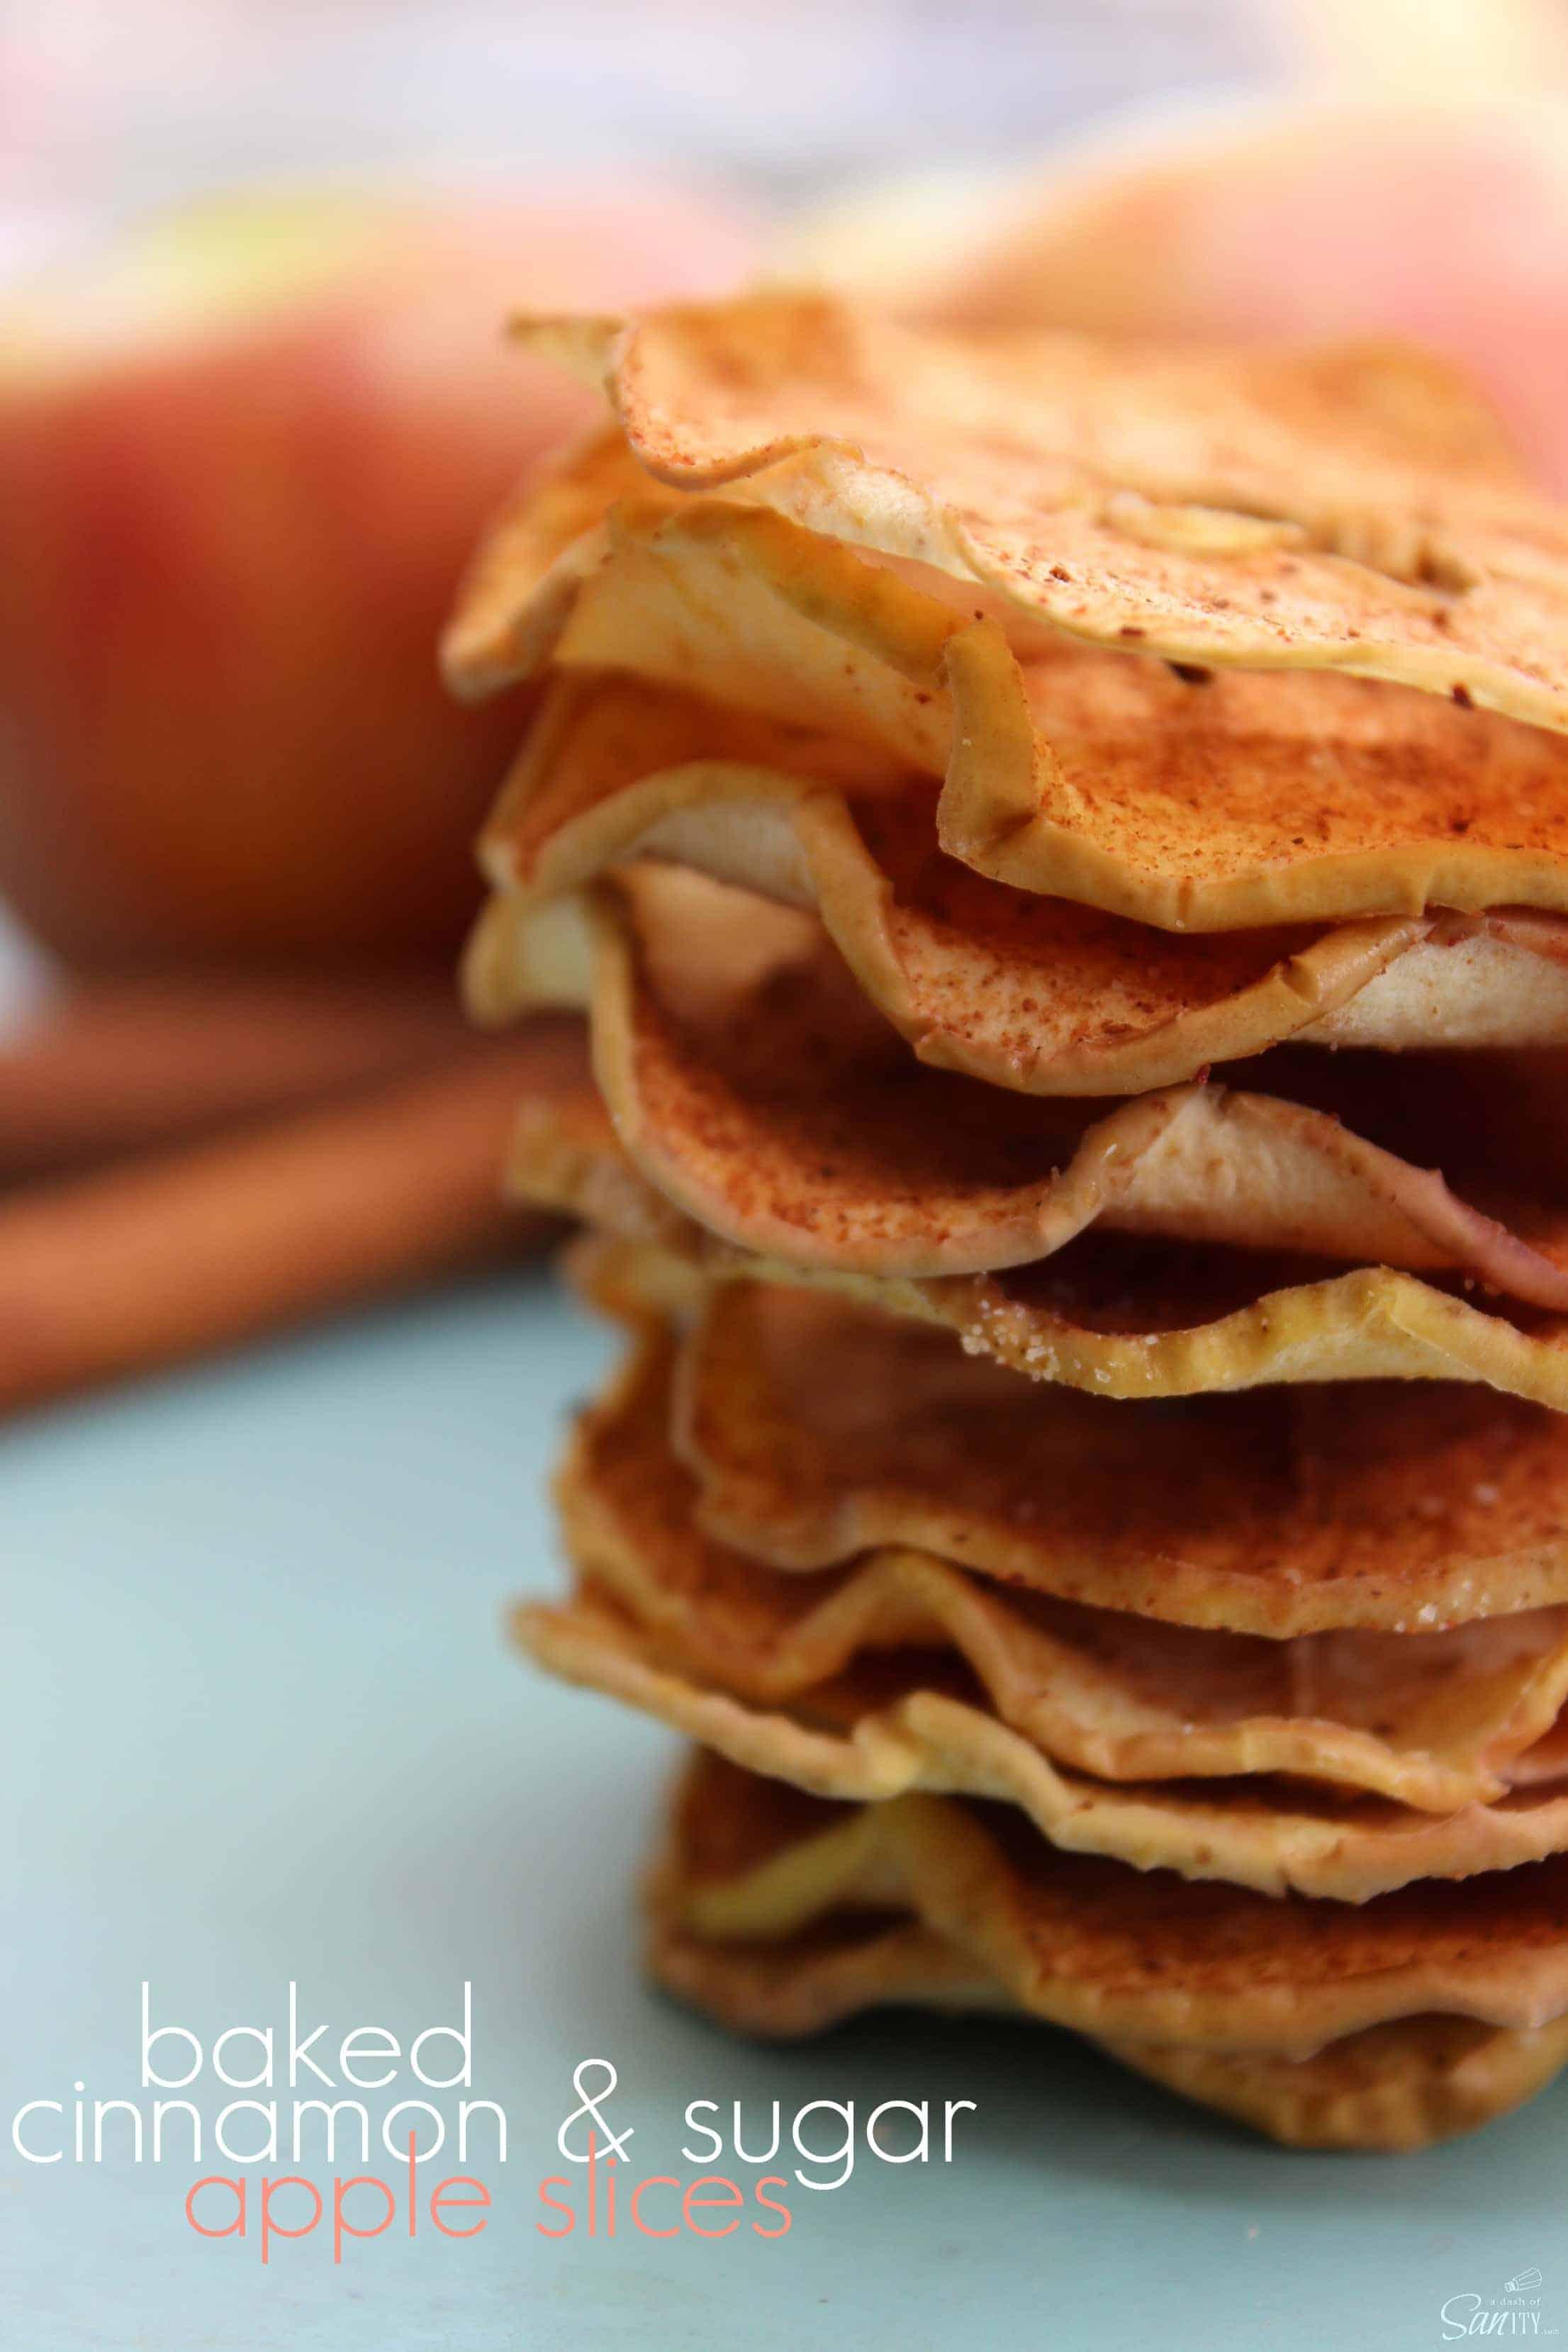 Baked Cinnamon Sugar Apple Slices